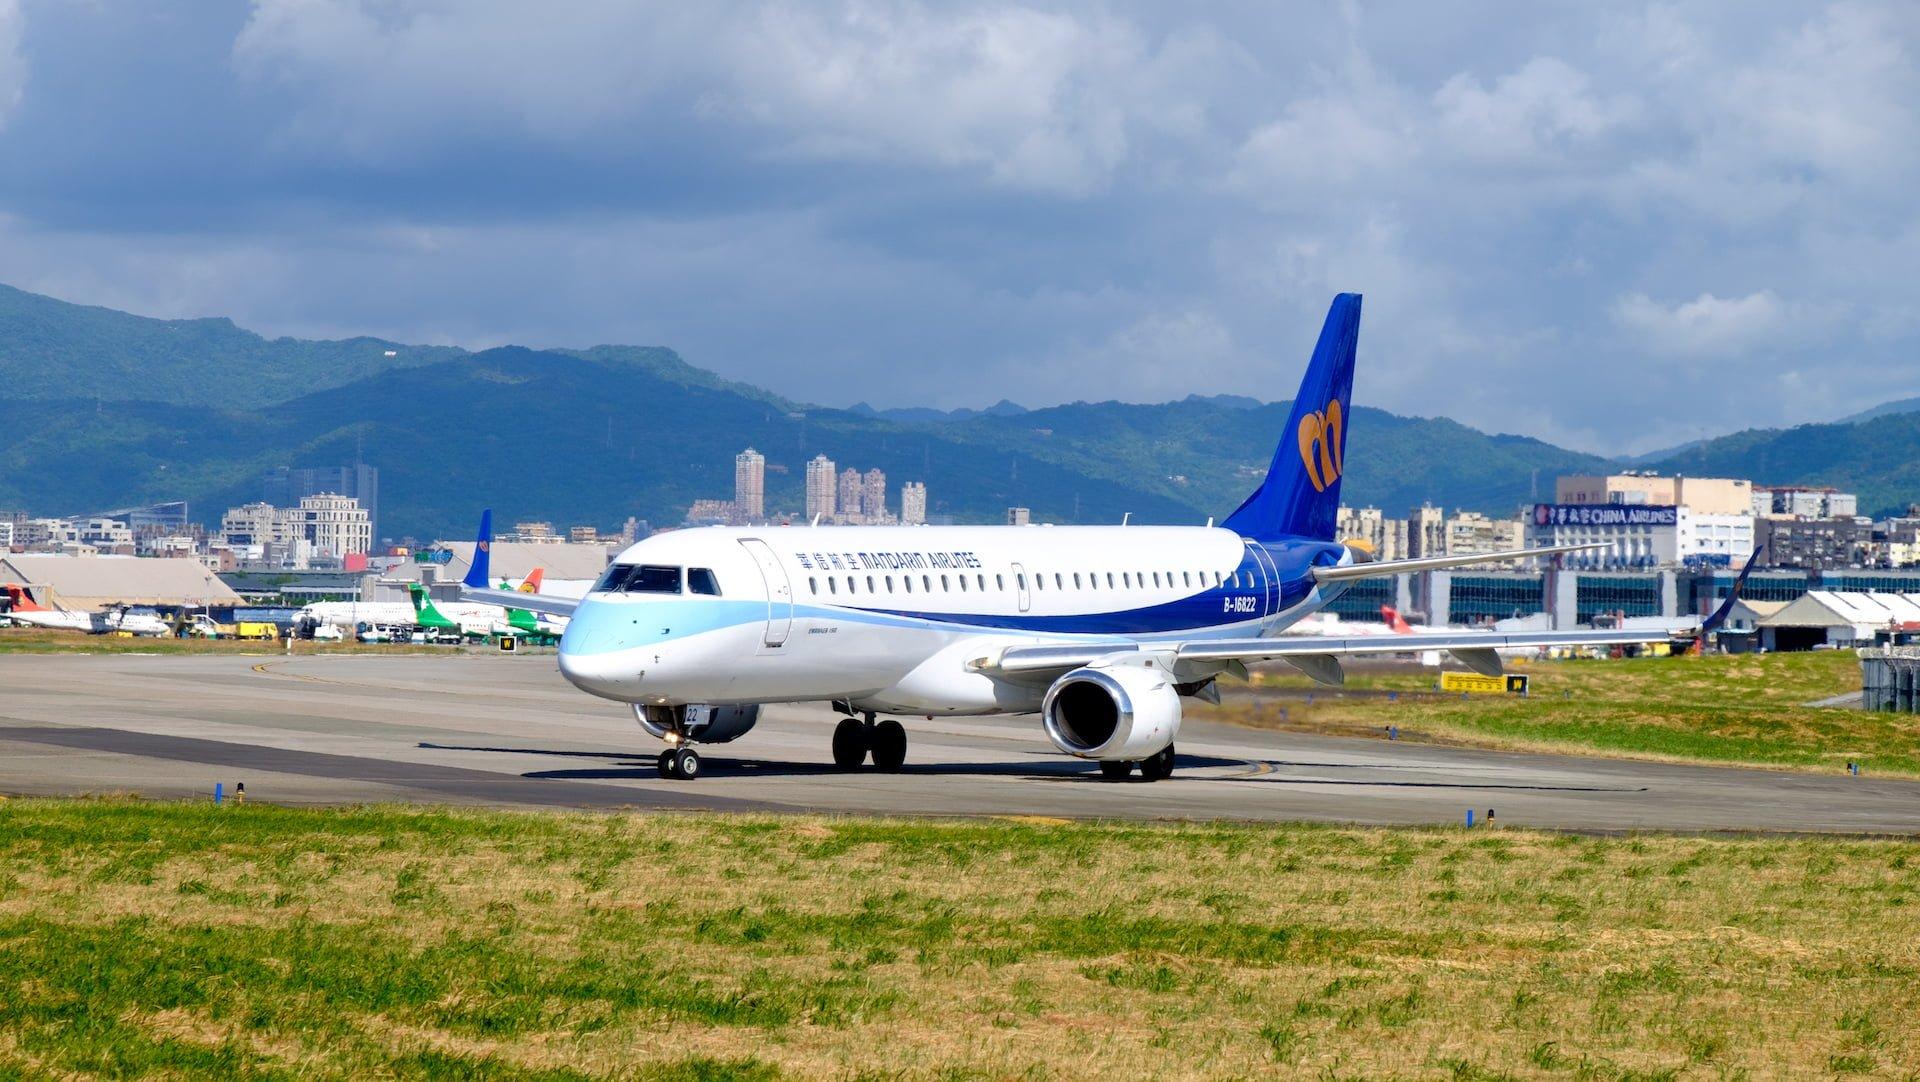 華信航空:臺灣、澎湖、金門聯絡資訊,提供訂位、票務、報到、機場、航班諮詢與行李查詢服務